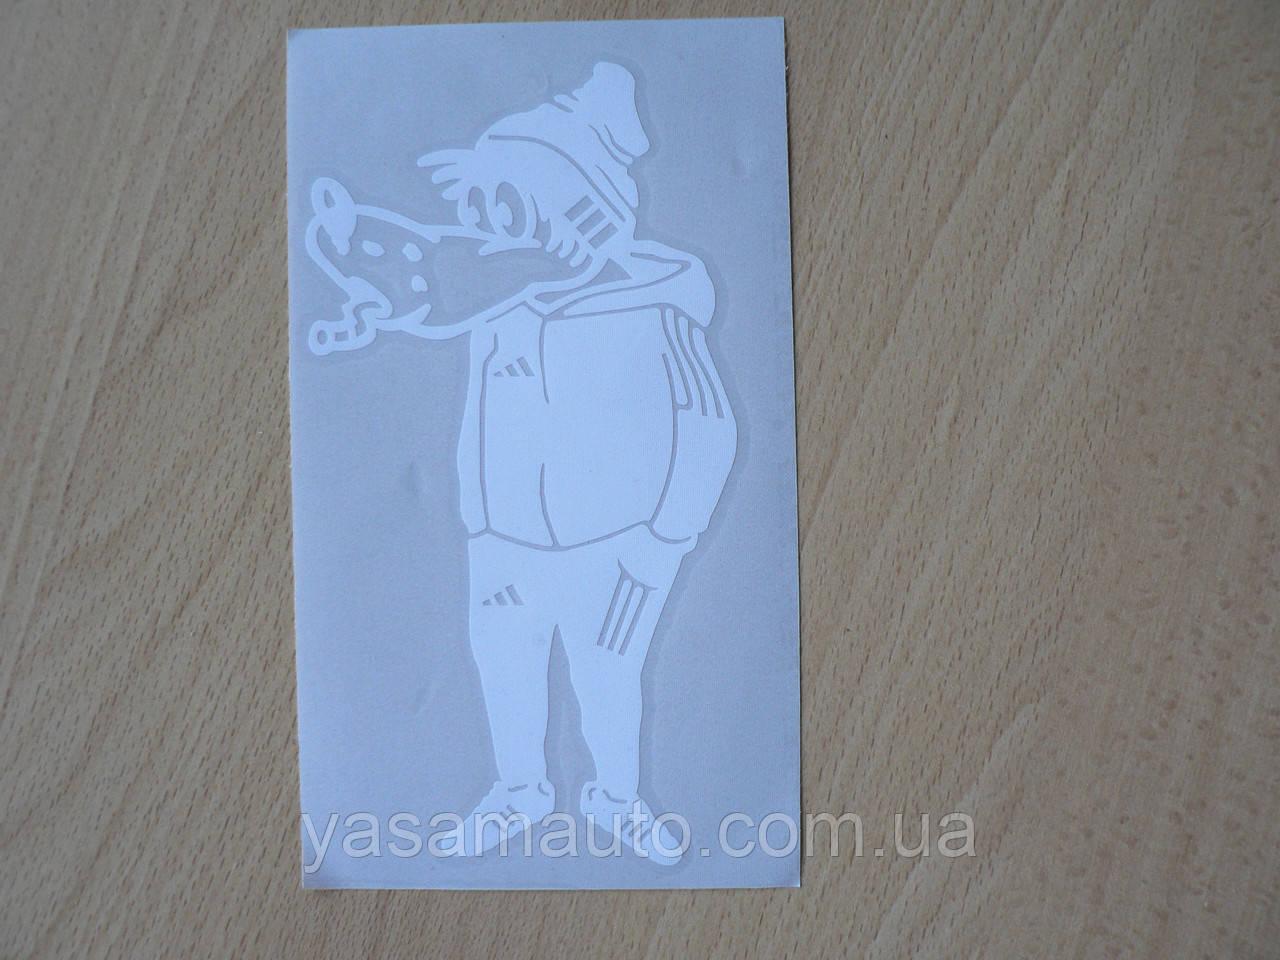 Наклейка vc Волк хулиган Ну погоди №1 белая 90х170мм спортивный костюм сигарета виниловая контурная на авто